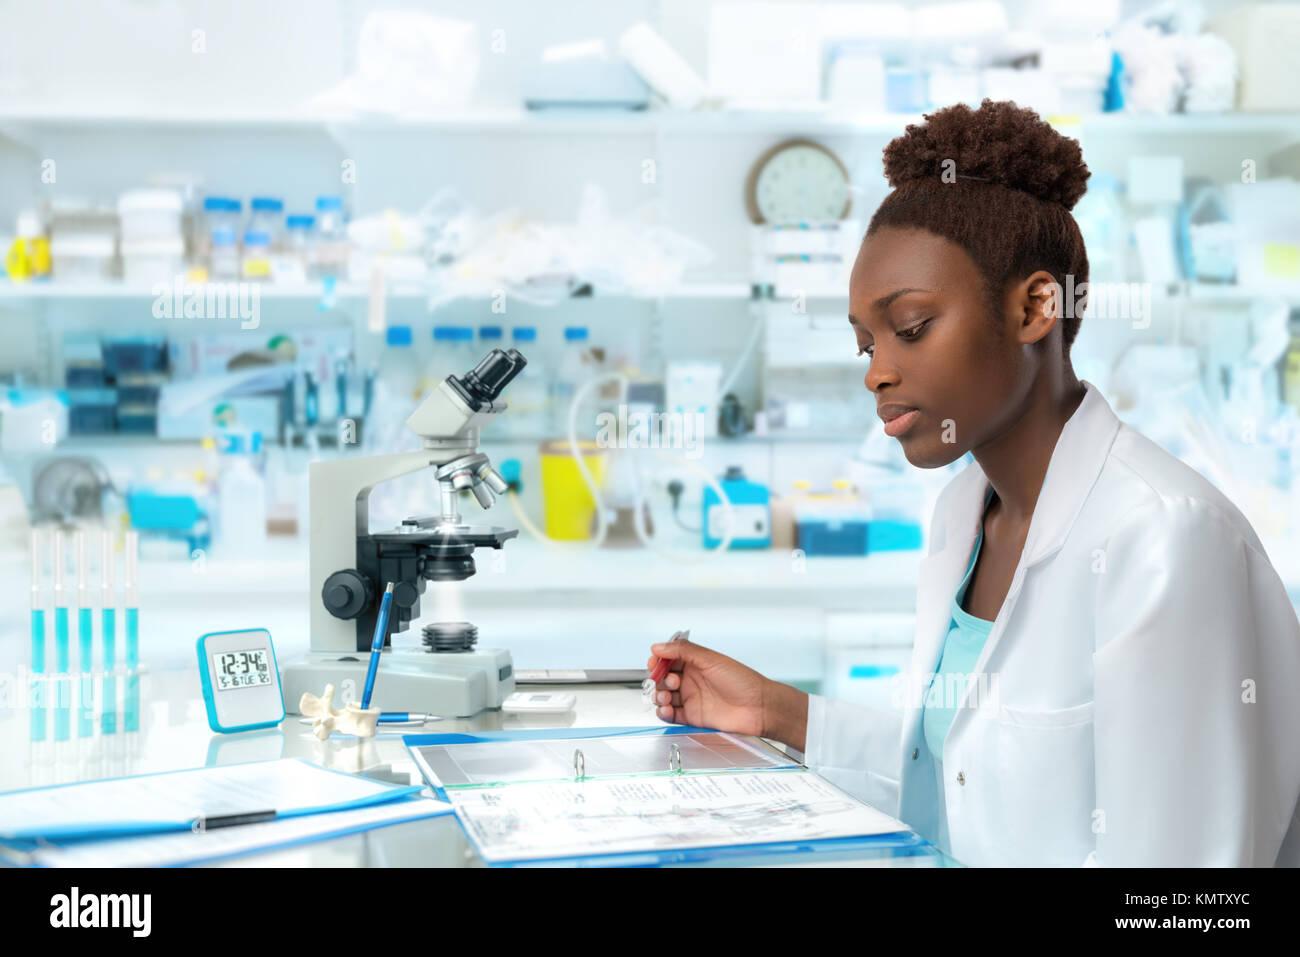 Travailleur de la santé, chercheur africain, tech ou étudiant diplômé travaille en laboratoire de biologie moderne Banque D'Images